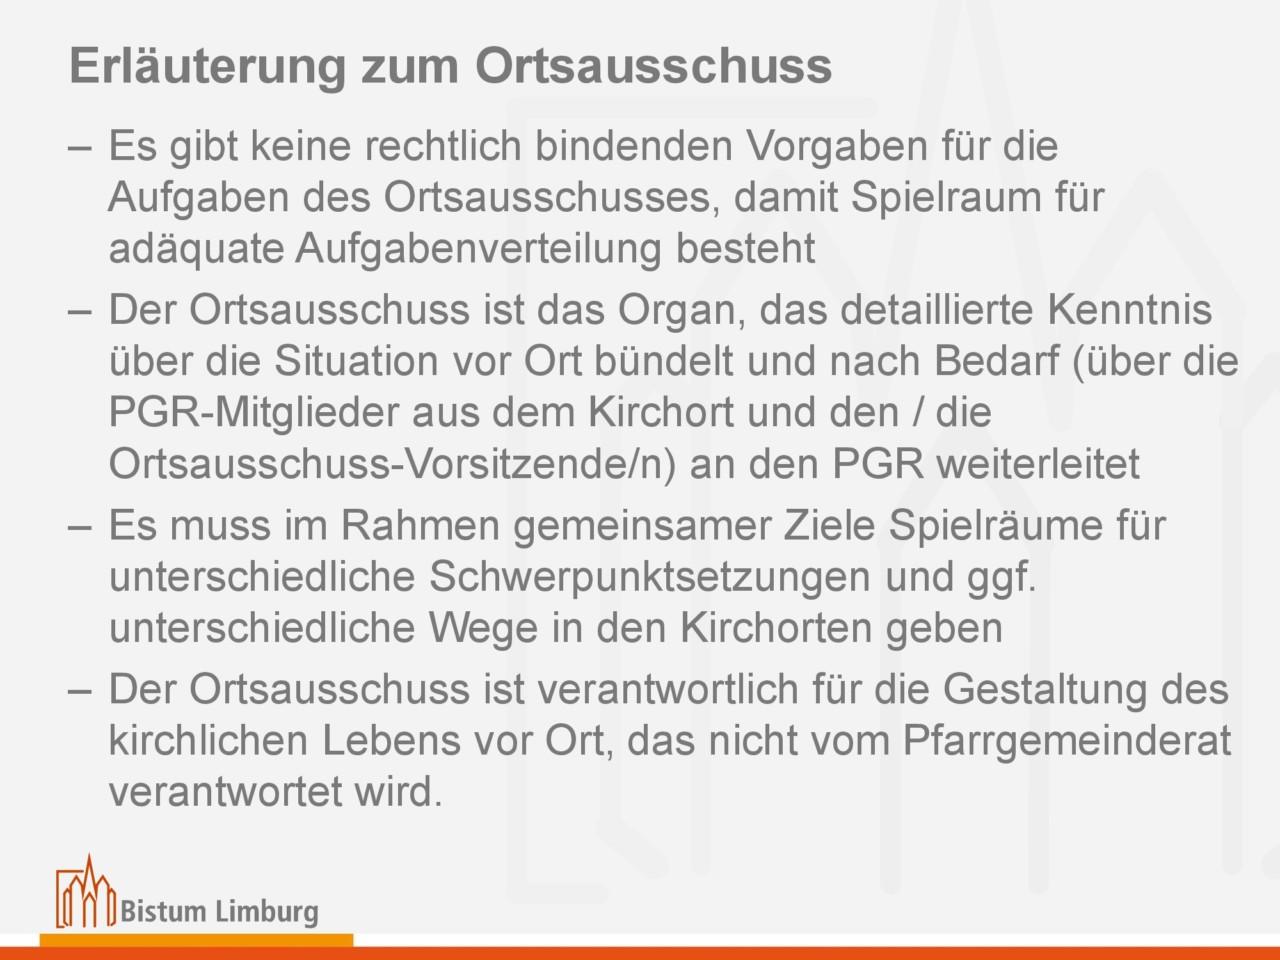 20160629_Auftaktveranstaltung_FFM-Hoechst_Praesentation-28